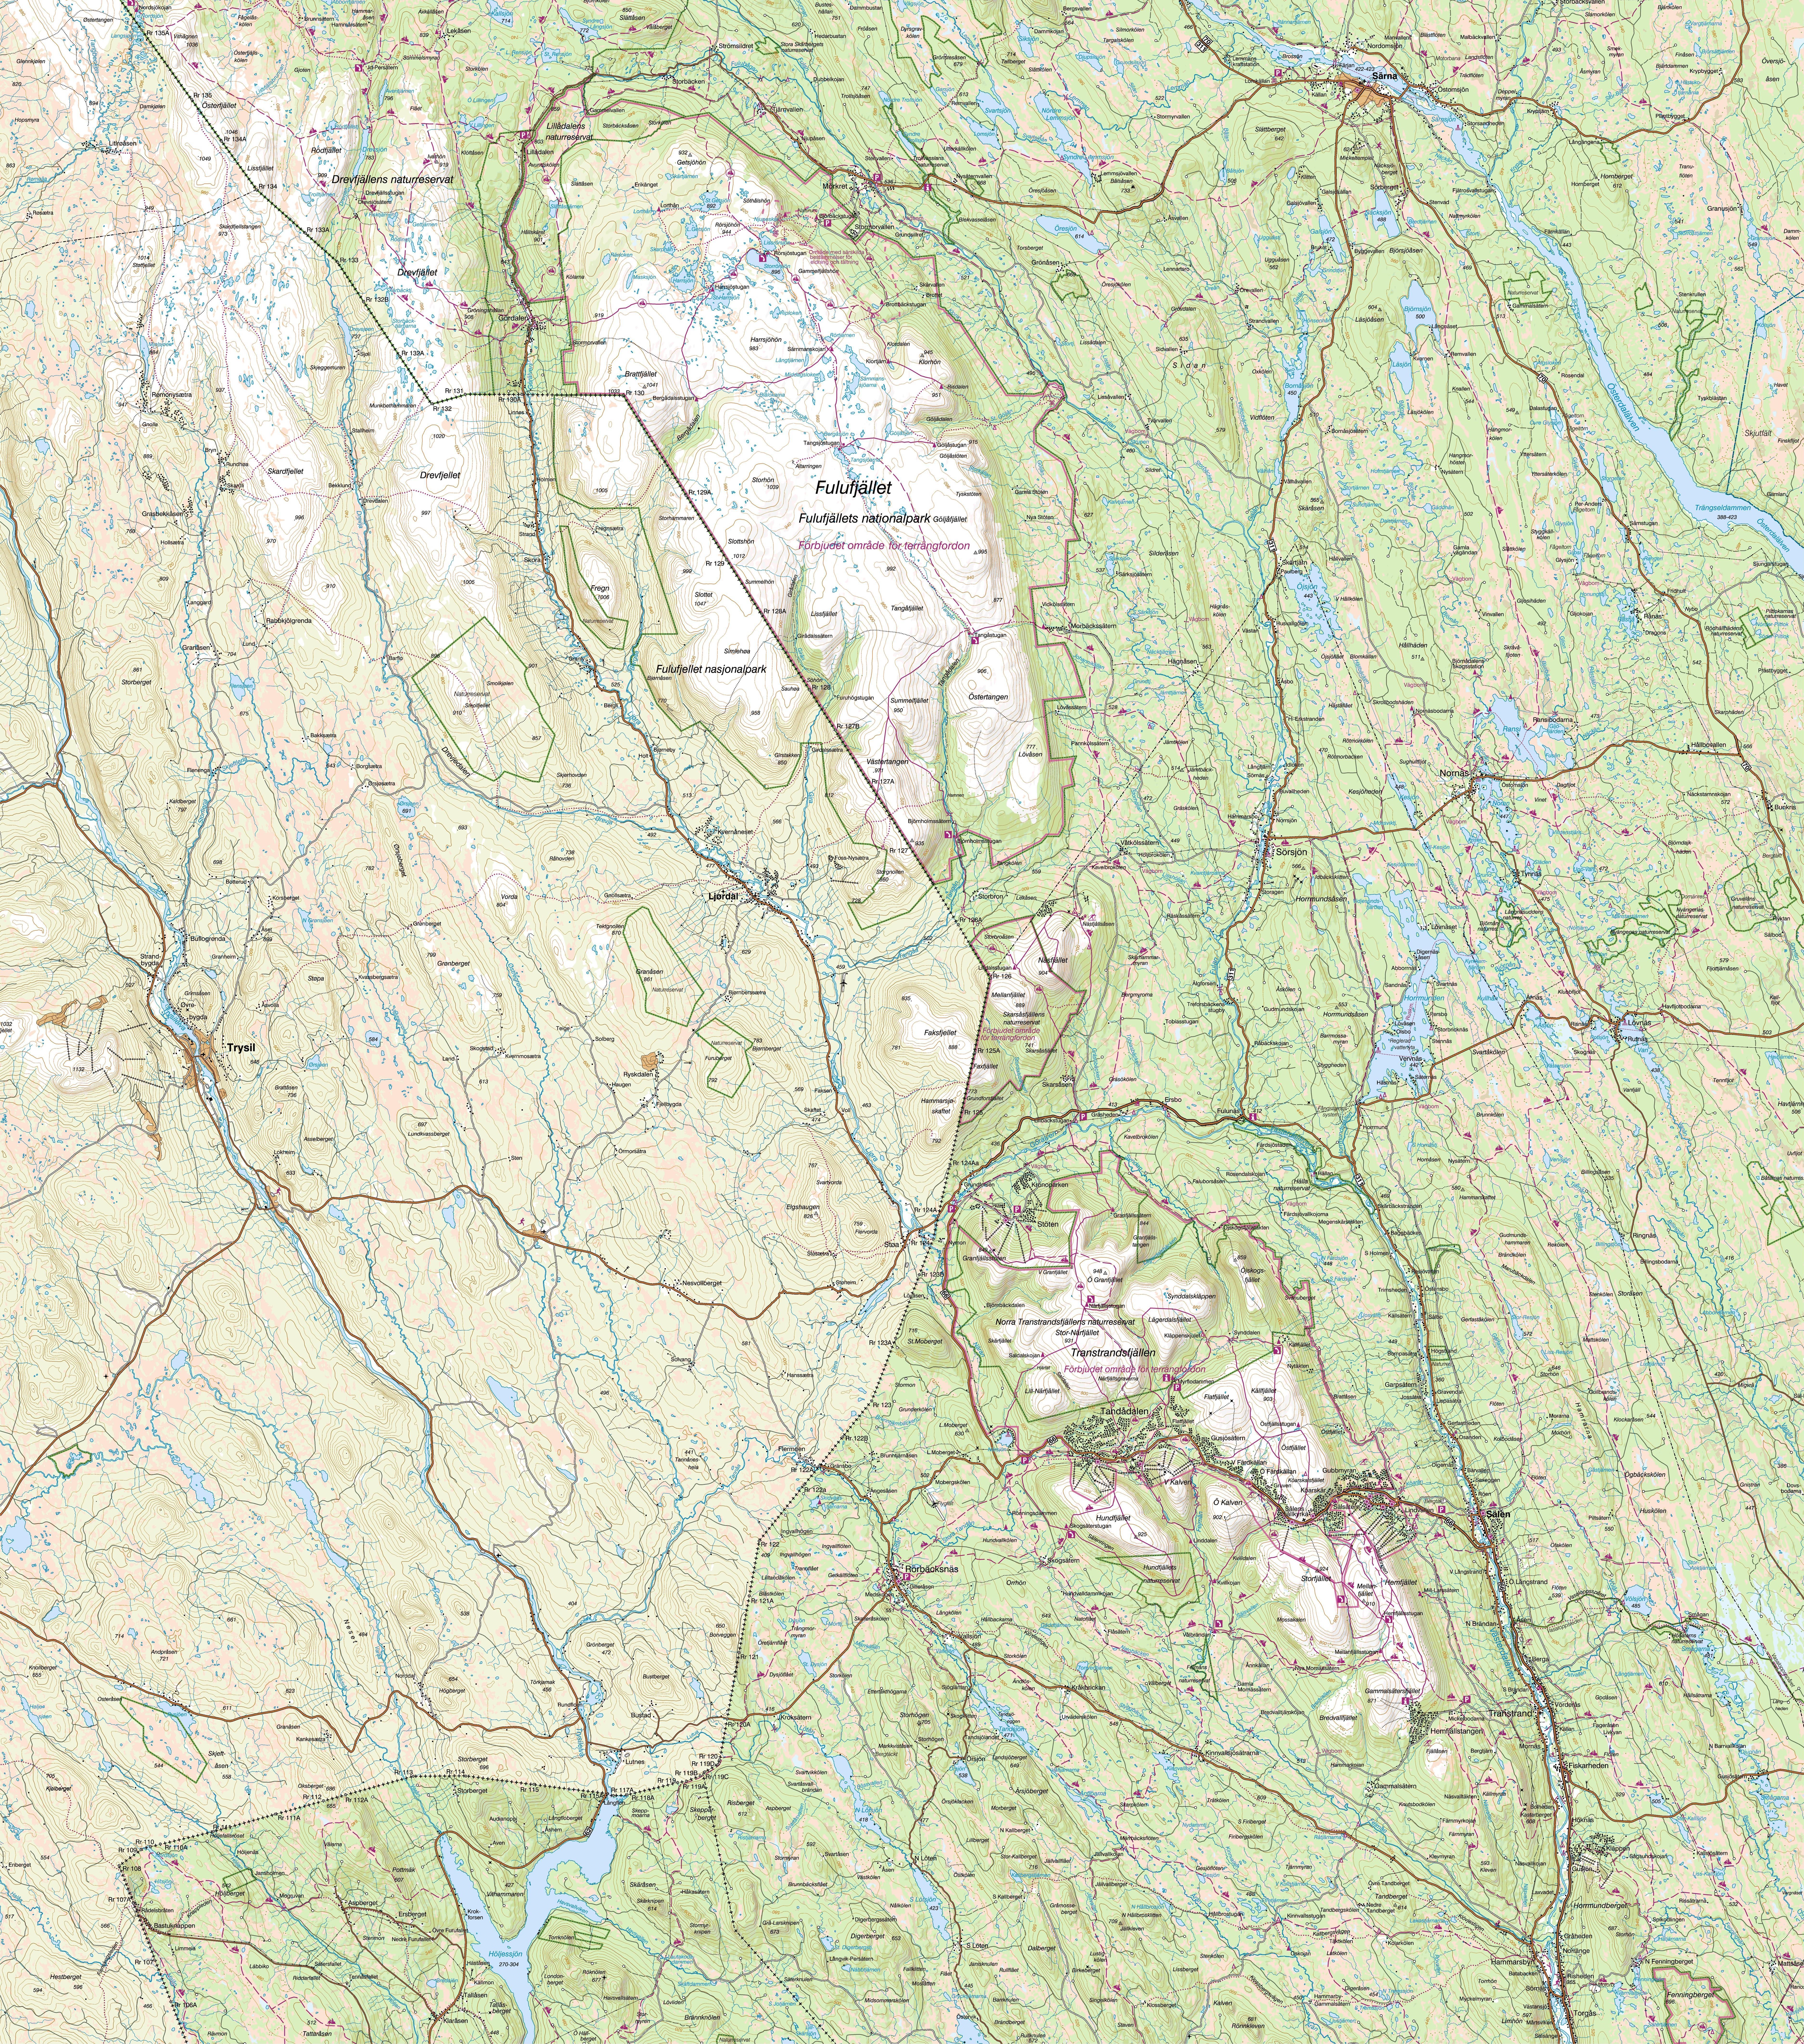 fulufjället karta Fjällkartan fulufjället karta